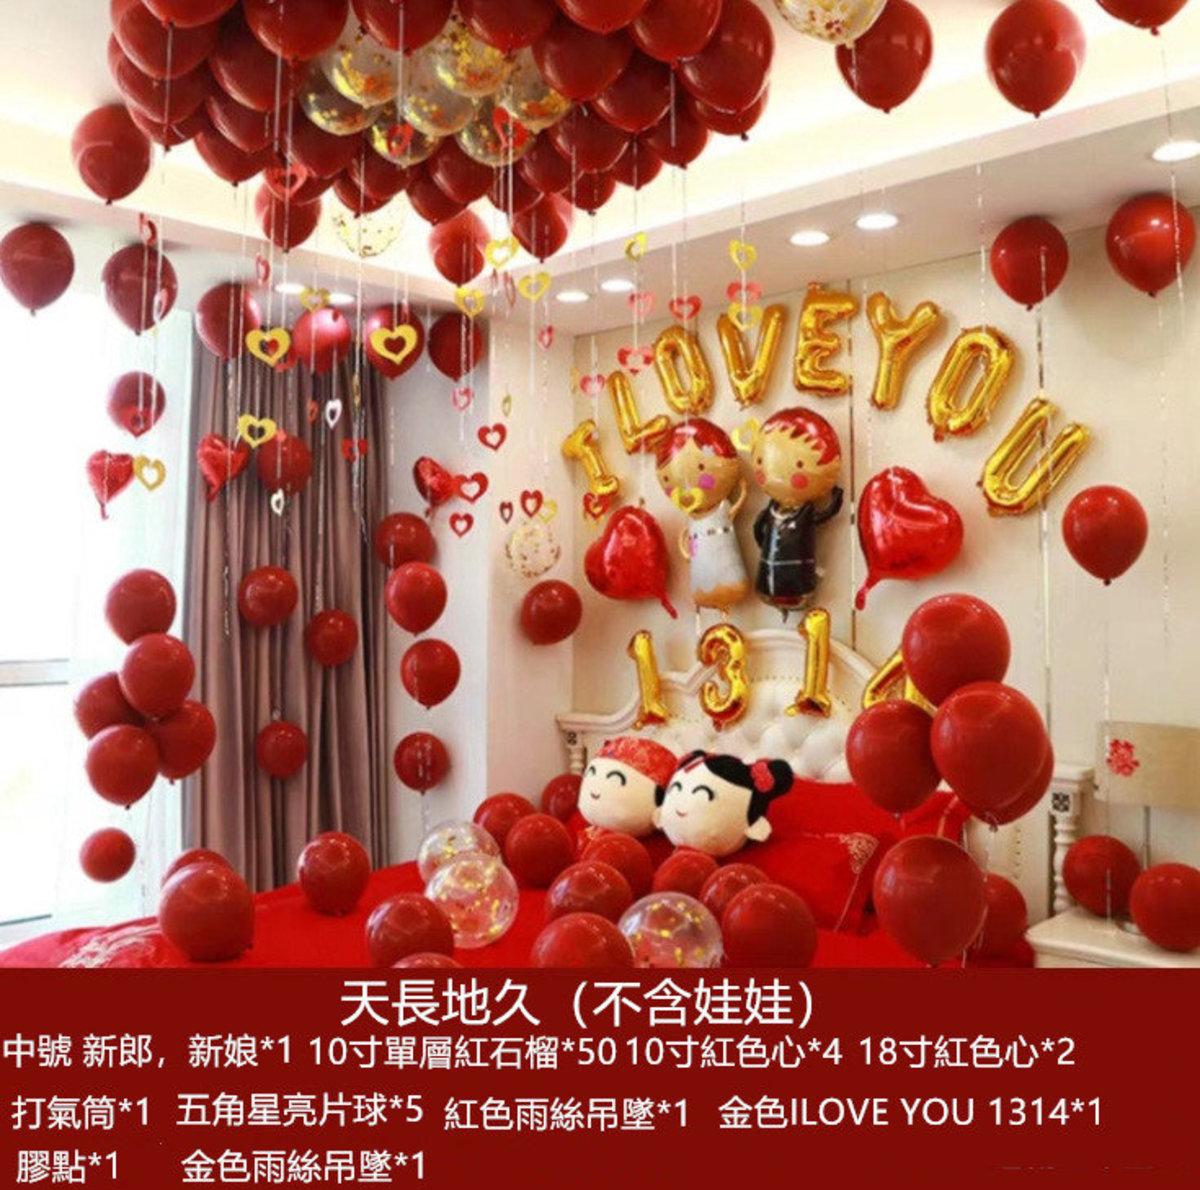 520情人節婚房裝飾氣球(婚房背景套裝T11)